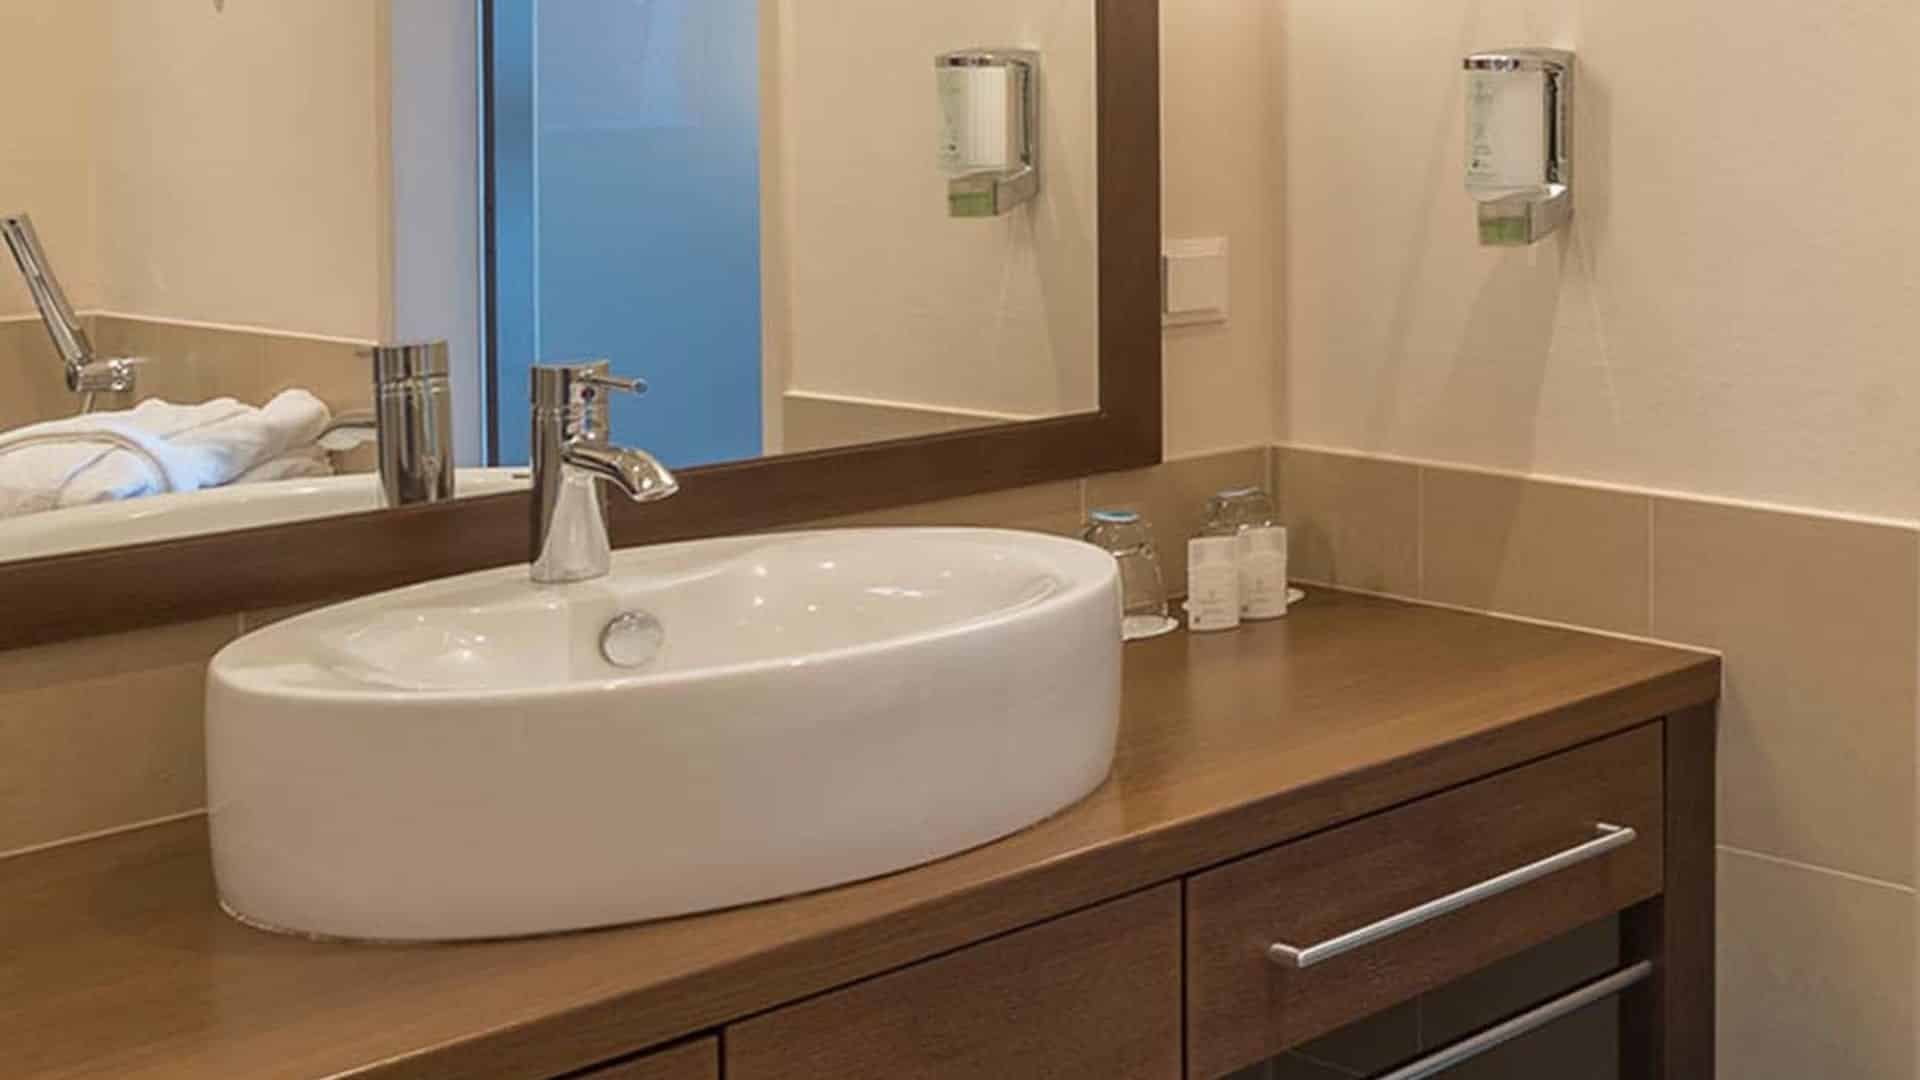 Badezimmer im Doppelzimmer im Top Hotel Larimar